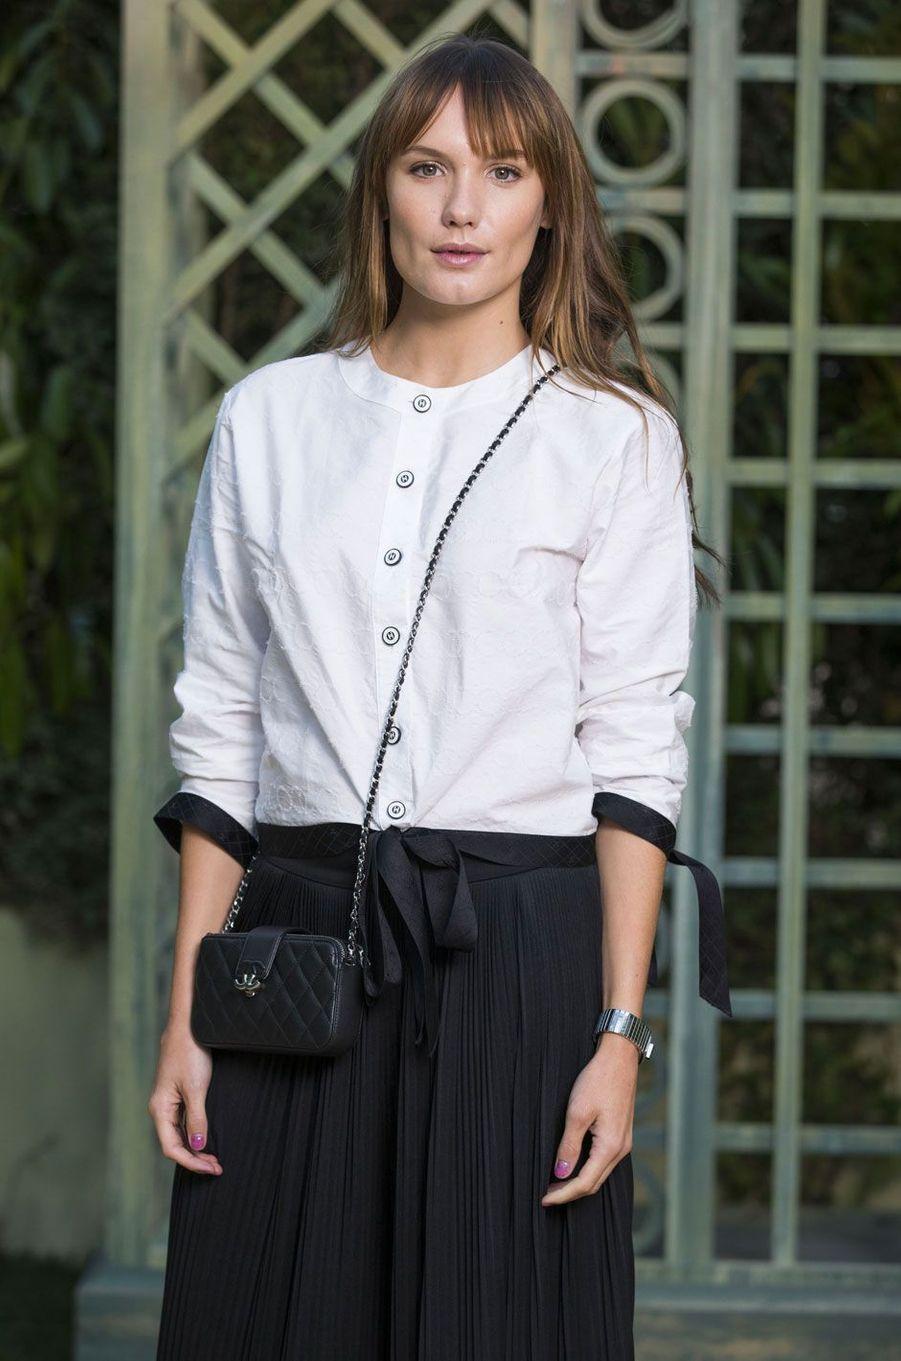 Ana Girardo au défilé Chanel Haute Couture printemps-été 2018